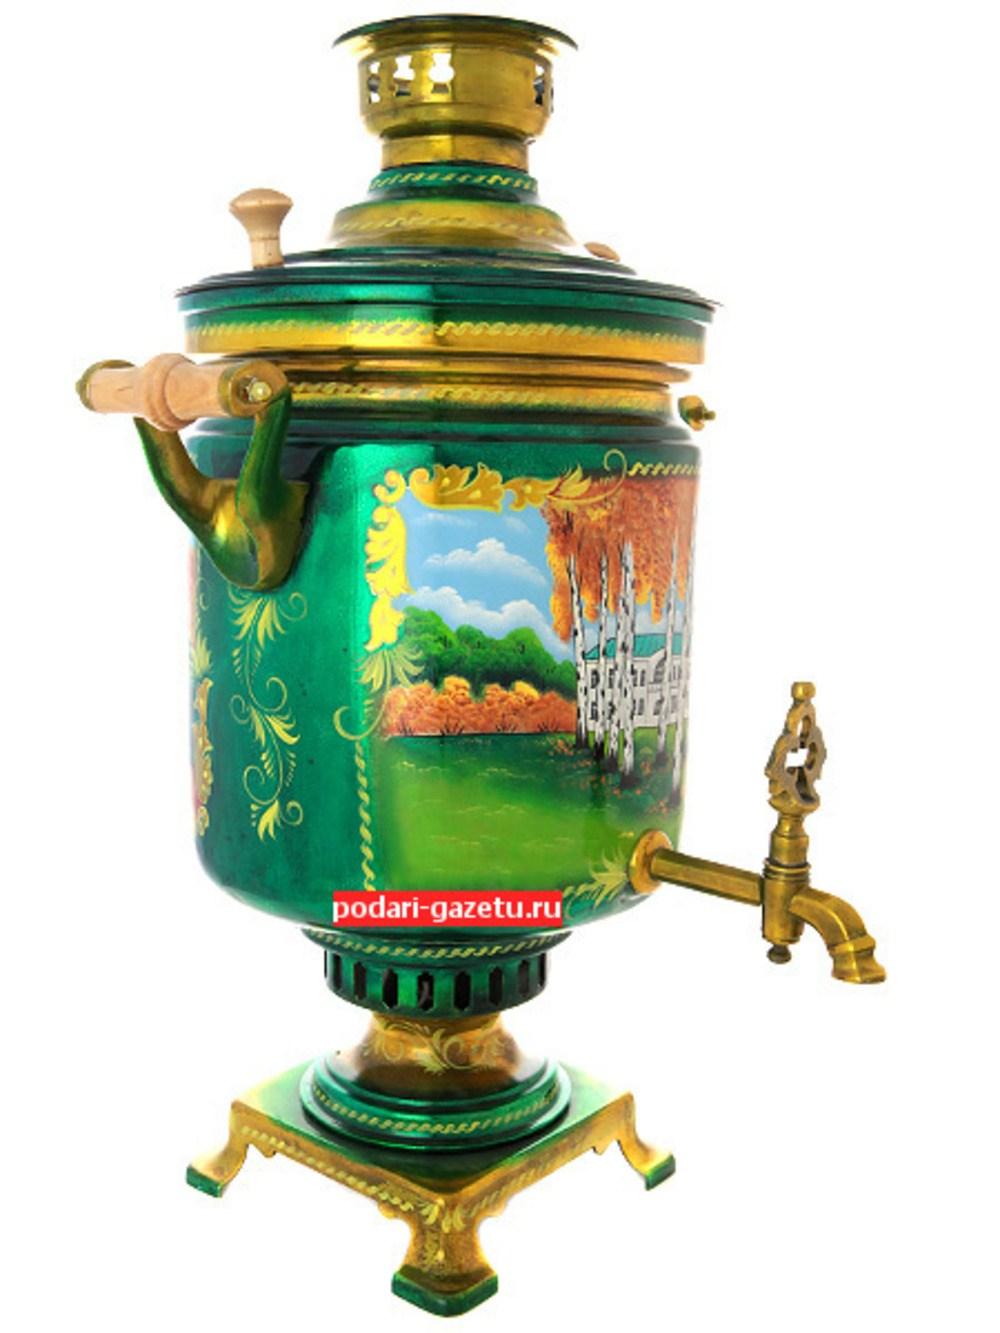 Электрический самовар на 7 литров с художественной росписью Ясная поляна, форма цилиндр